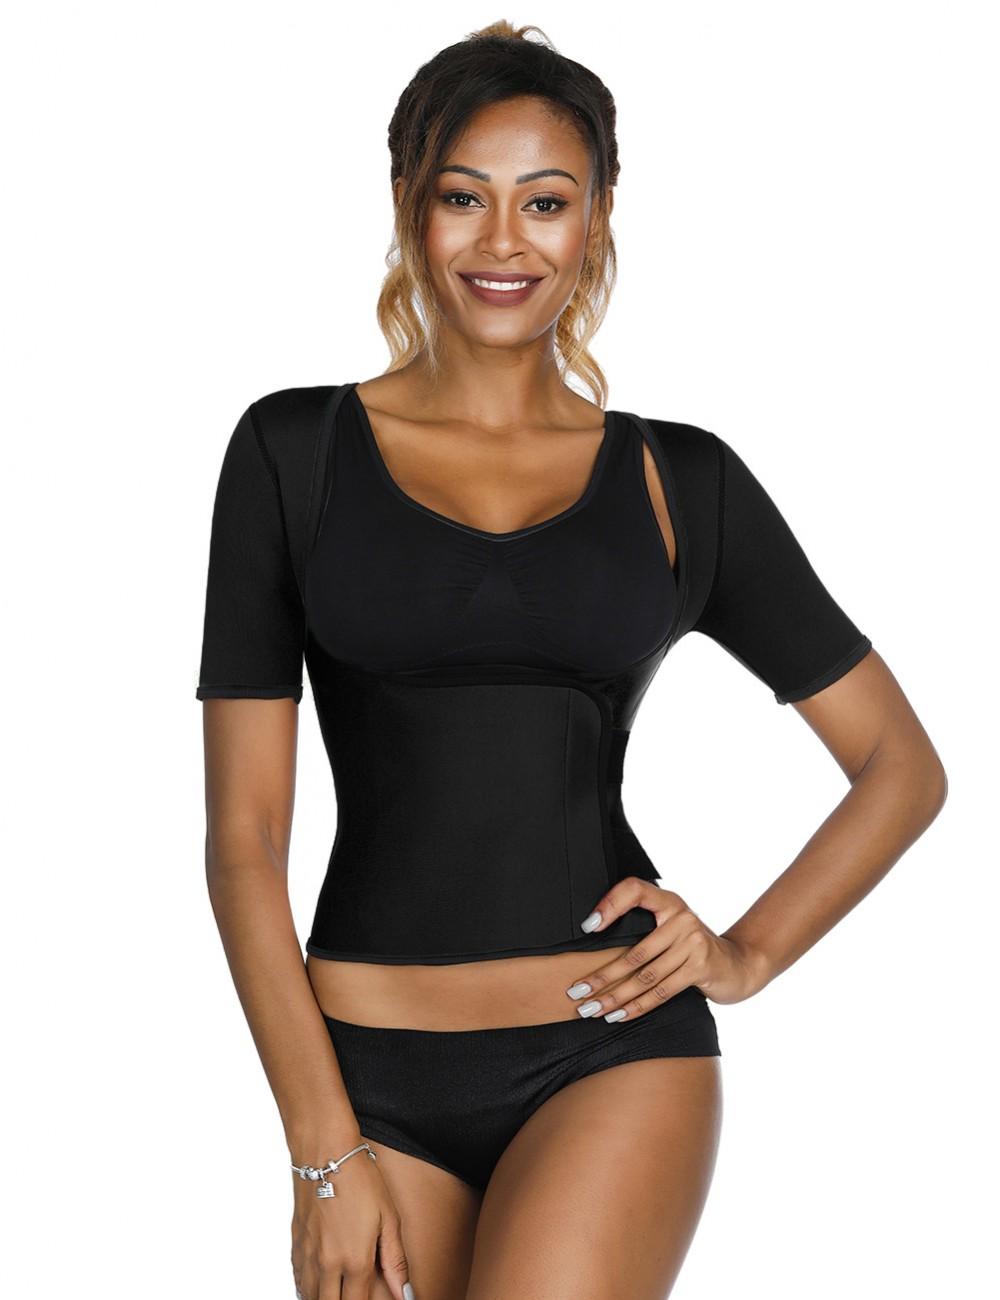 Ultra-Thin Black Queen Size Underbust Sticker Neoprene Shaper Weight Loss